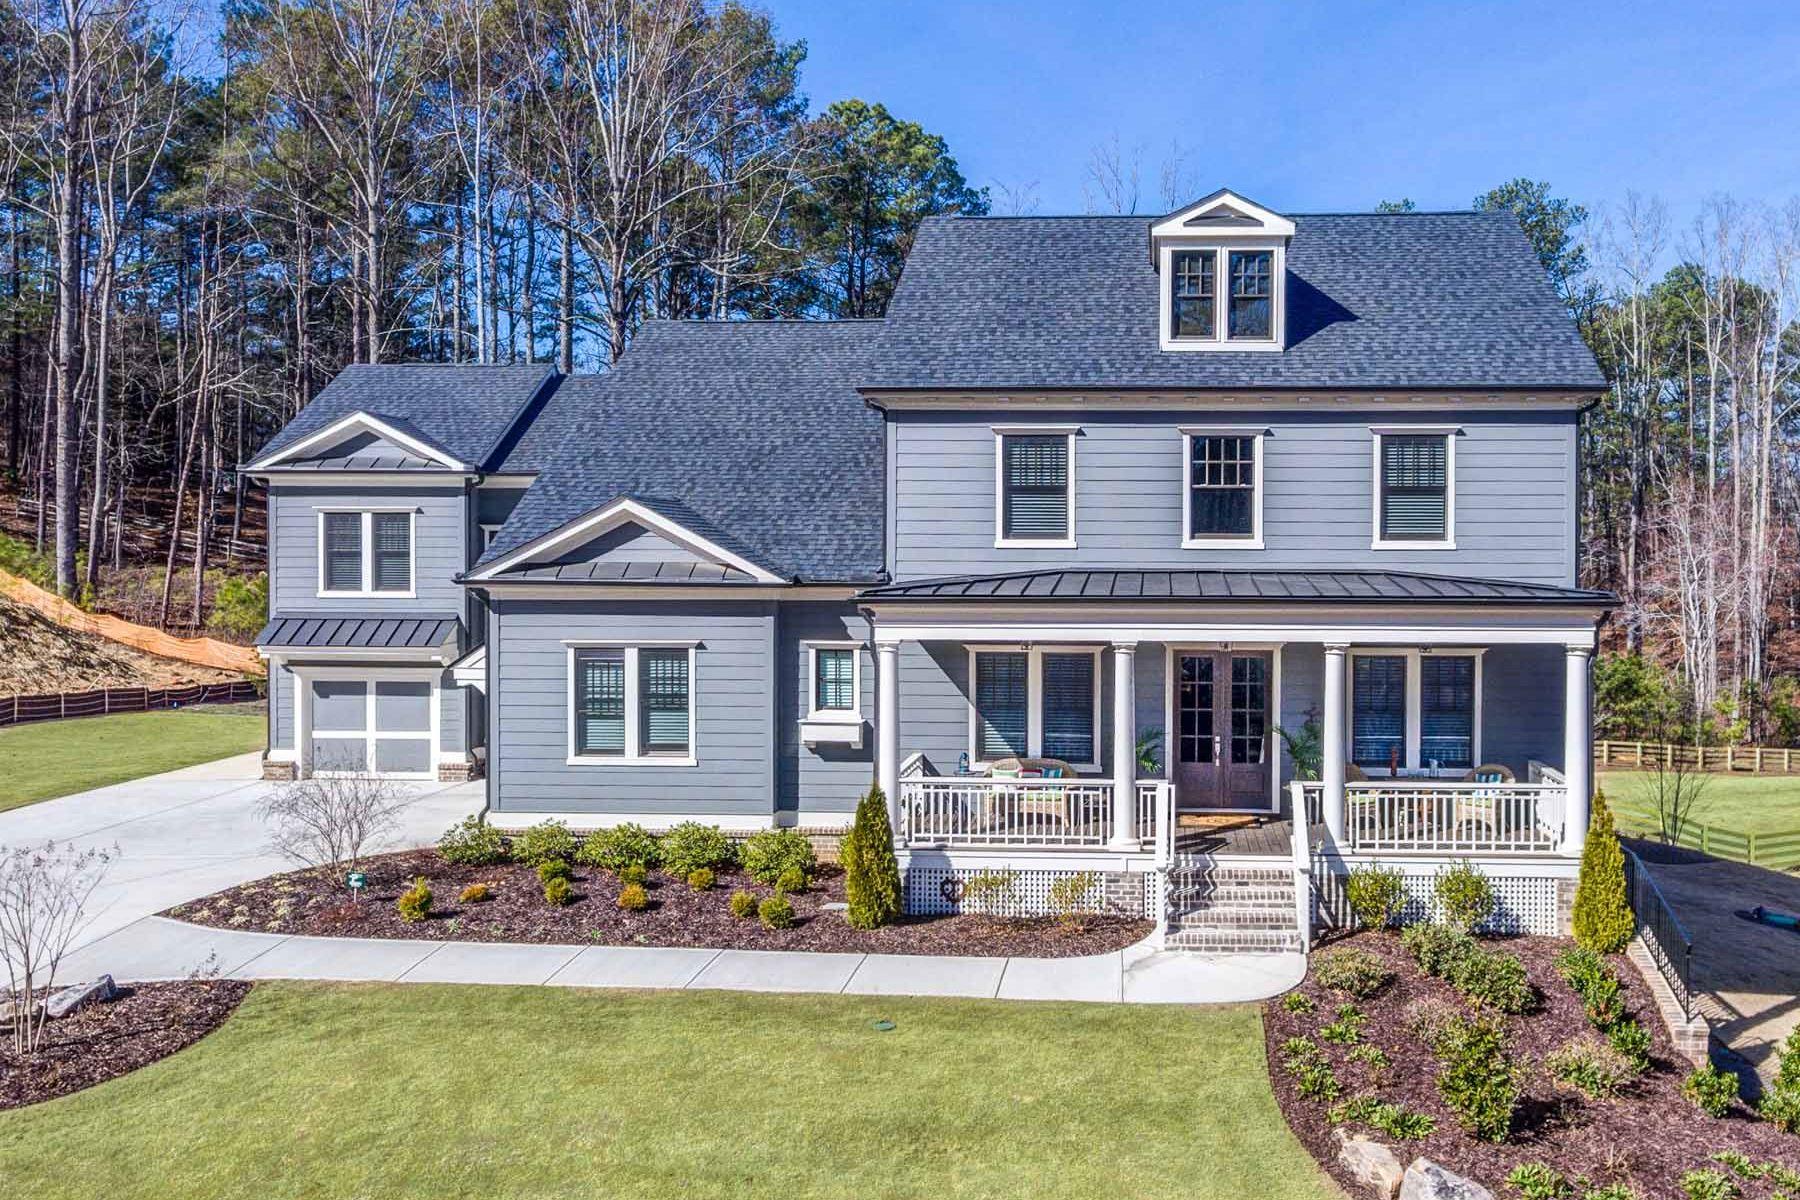 Tek Ailelik Ev için Satış at Breathtaking Ashton Woods Home 2015 Coppice Court Milton, Georgia, 30004 Amerika Birleşik Devletleri